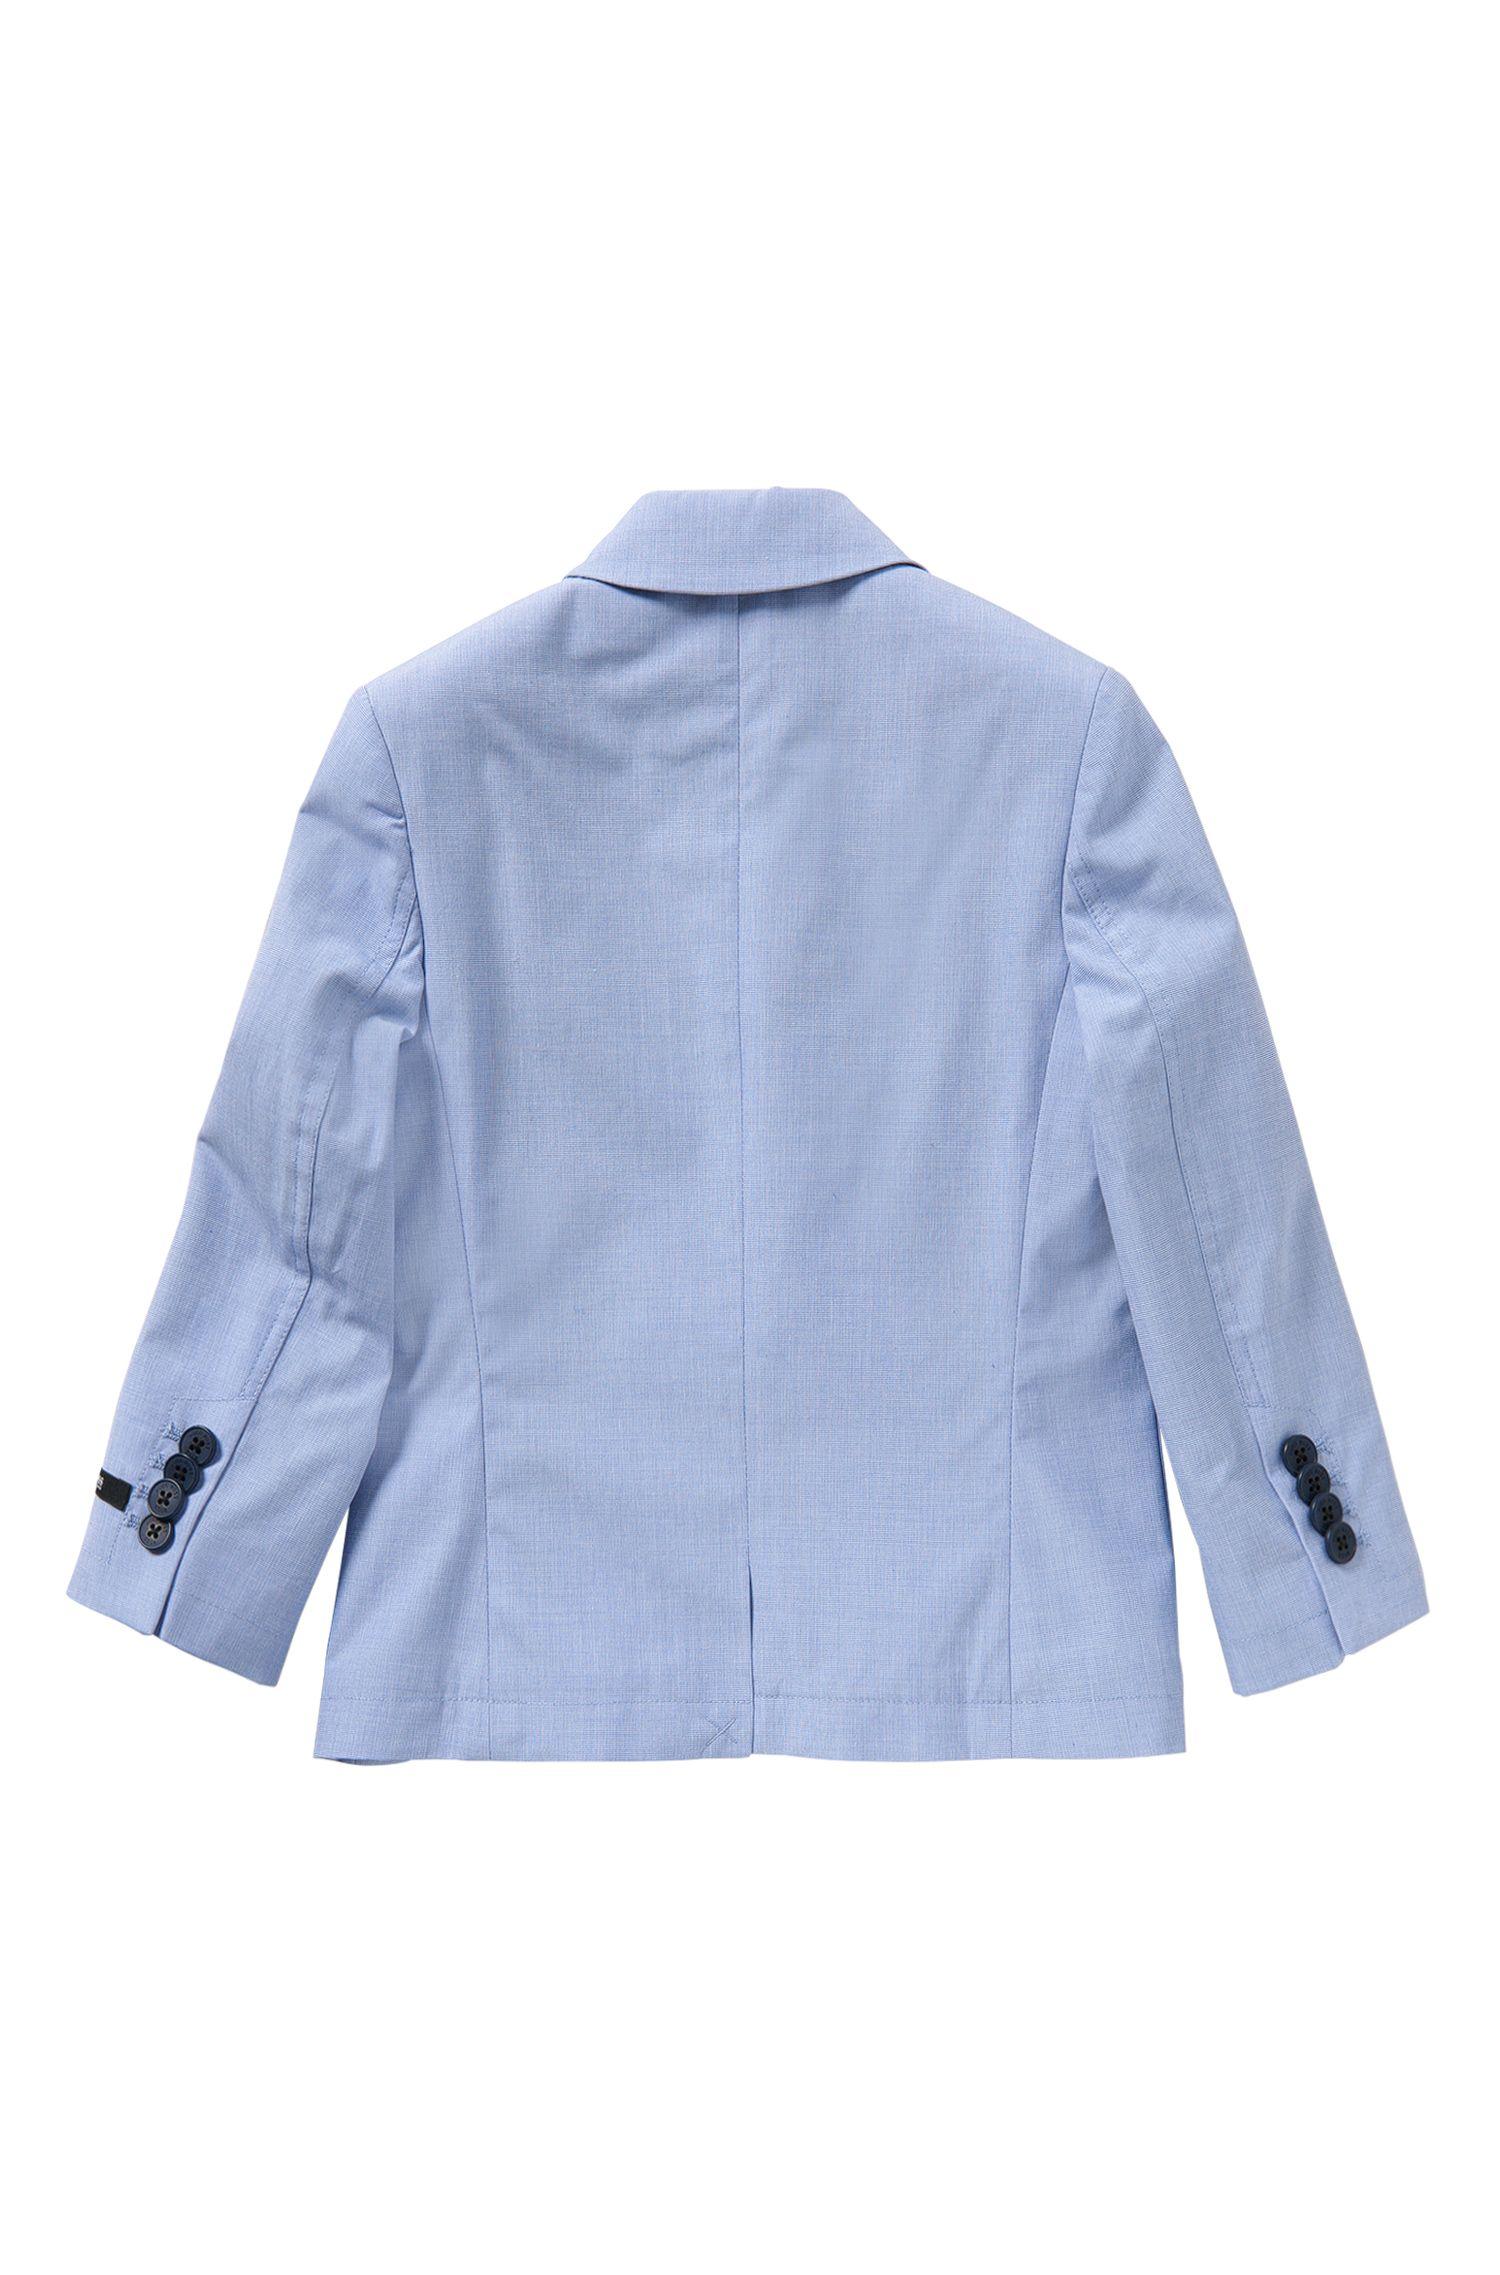 Americana para niños con cuadros finos y un pañuelo de bolsillo integrado: 'J26277'